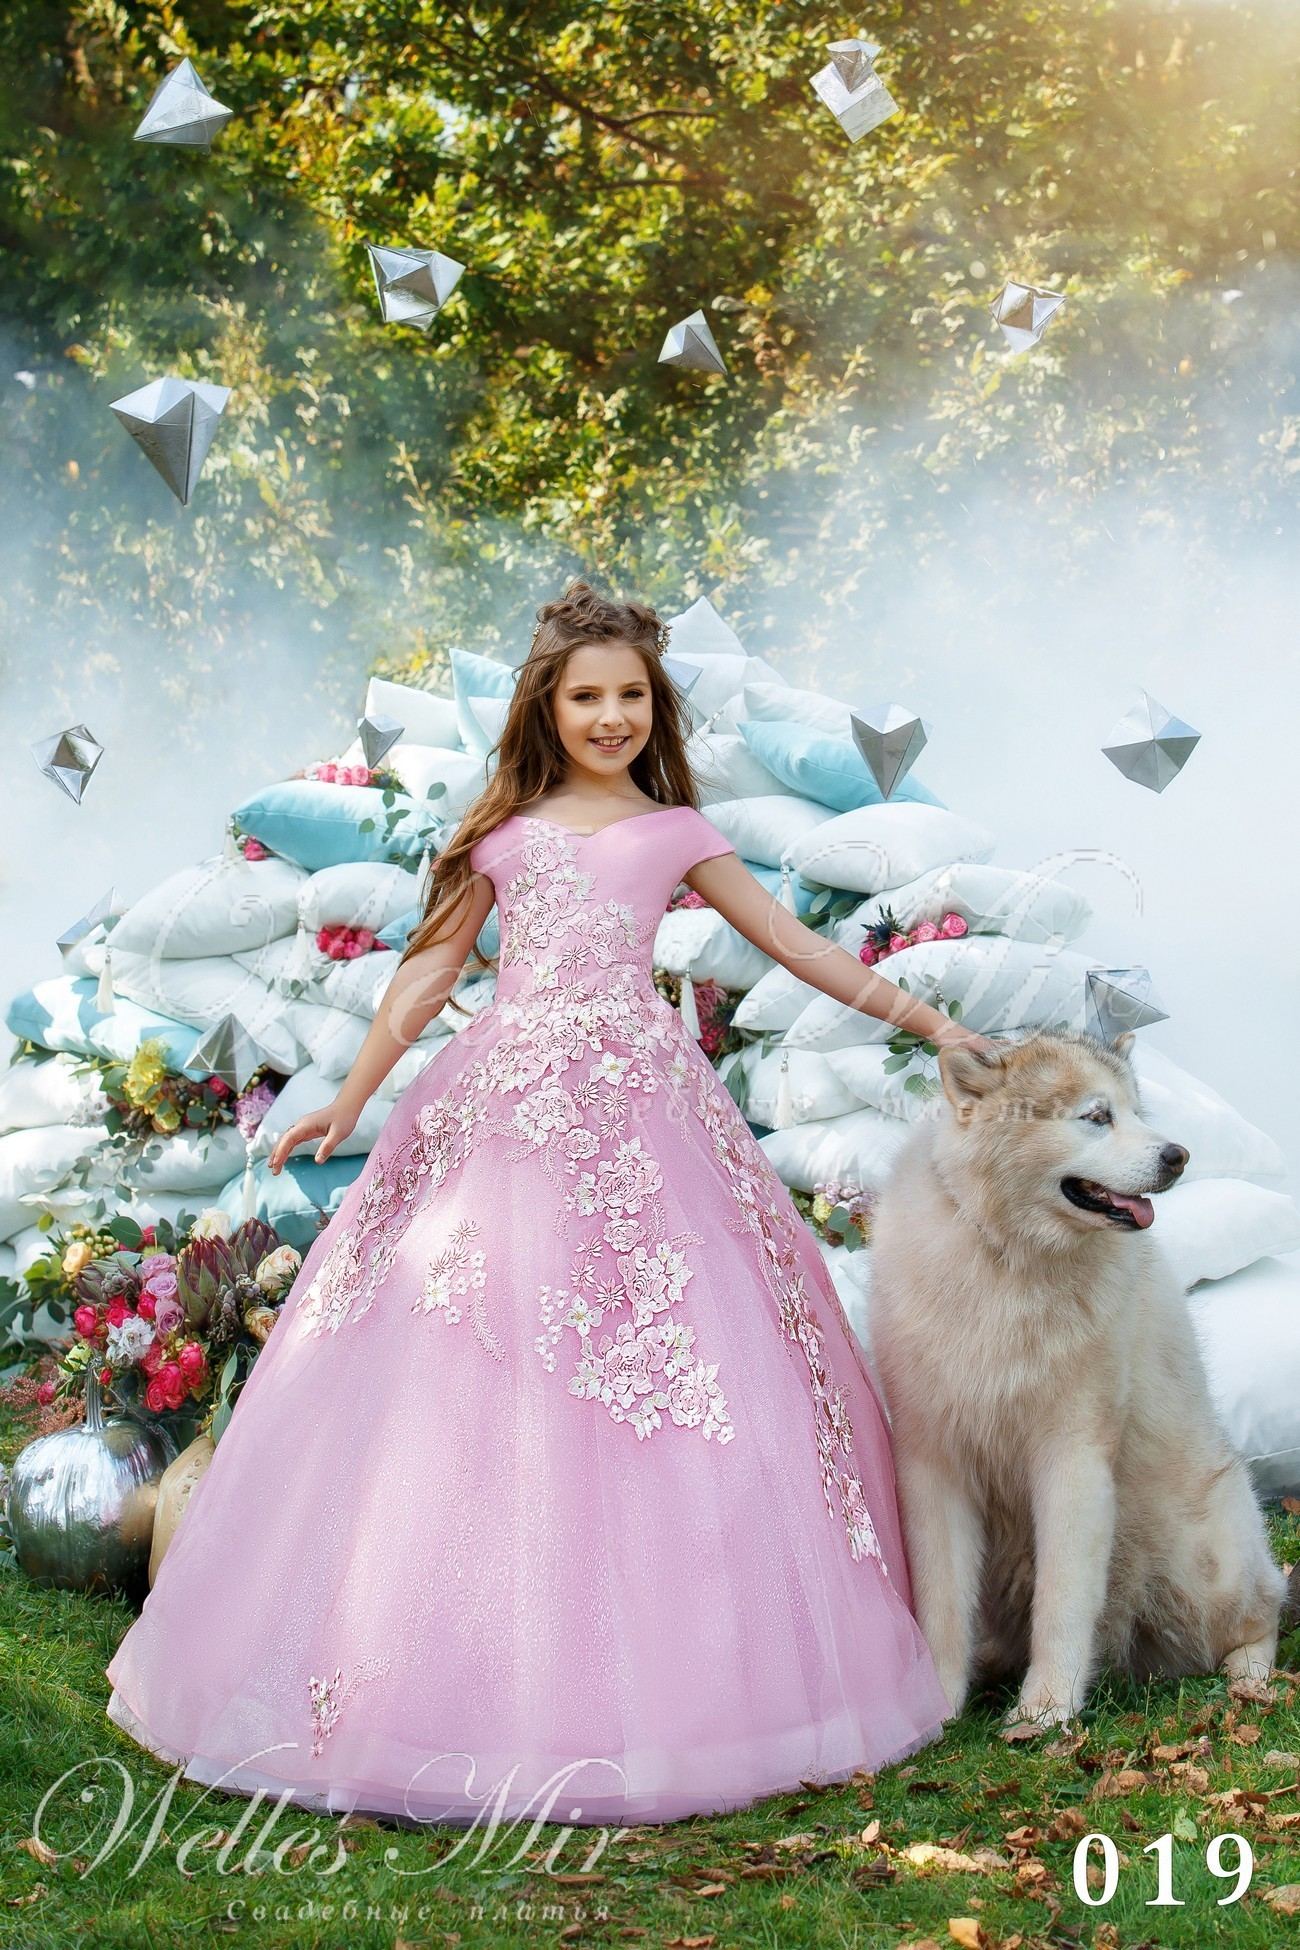 Рожева пишна сукня для дівчинки